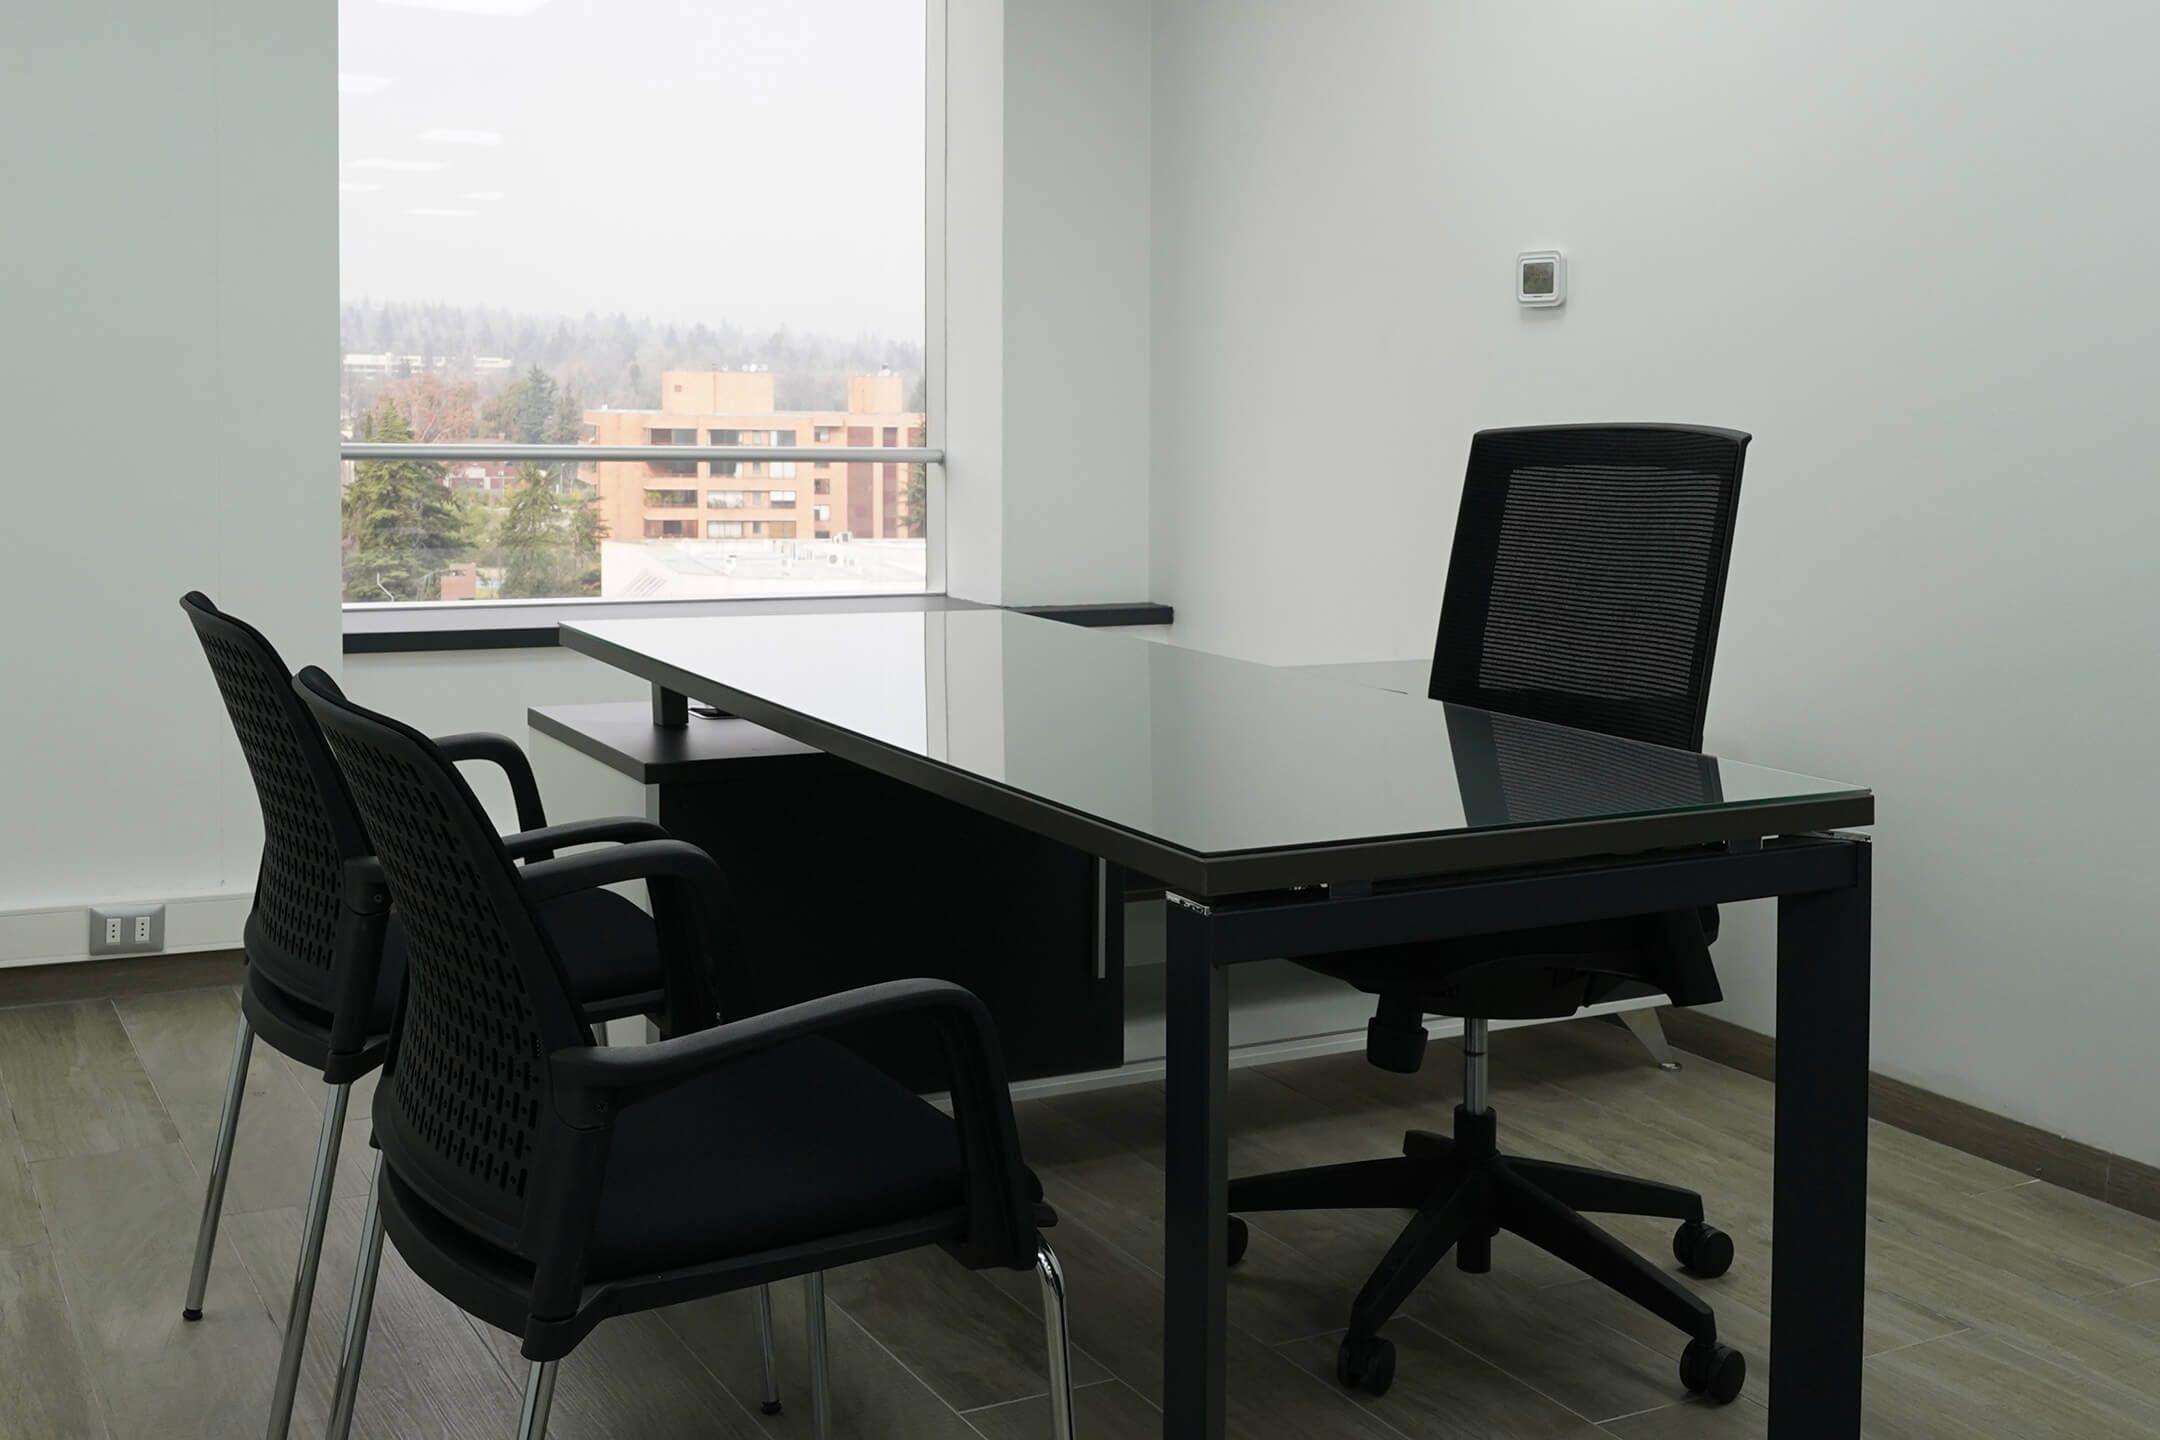 estacion individual escritorio sillas de visita yes silla ejecutiva axis